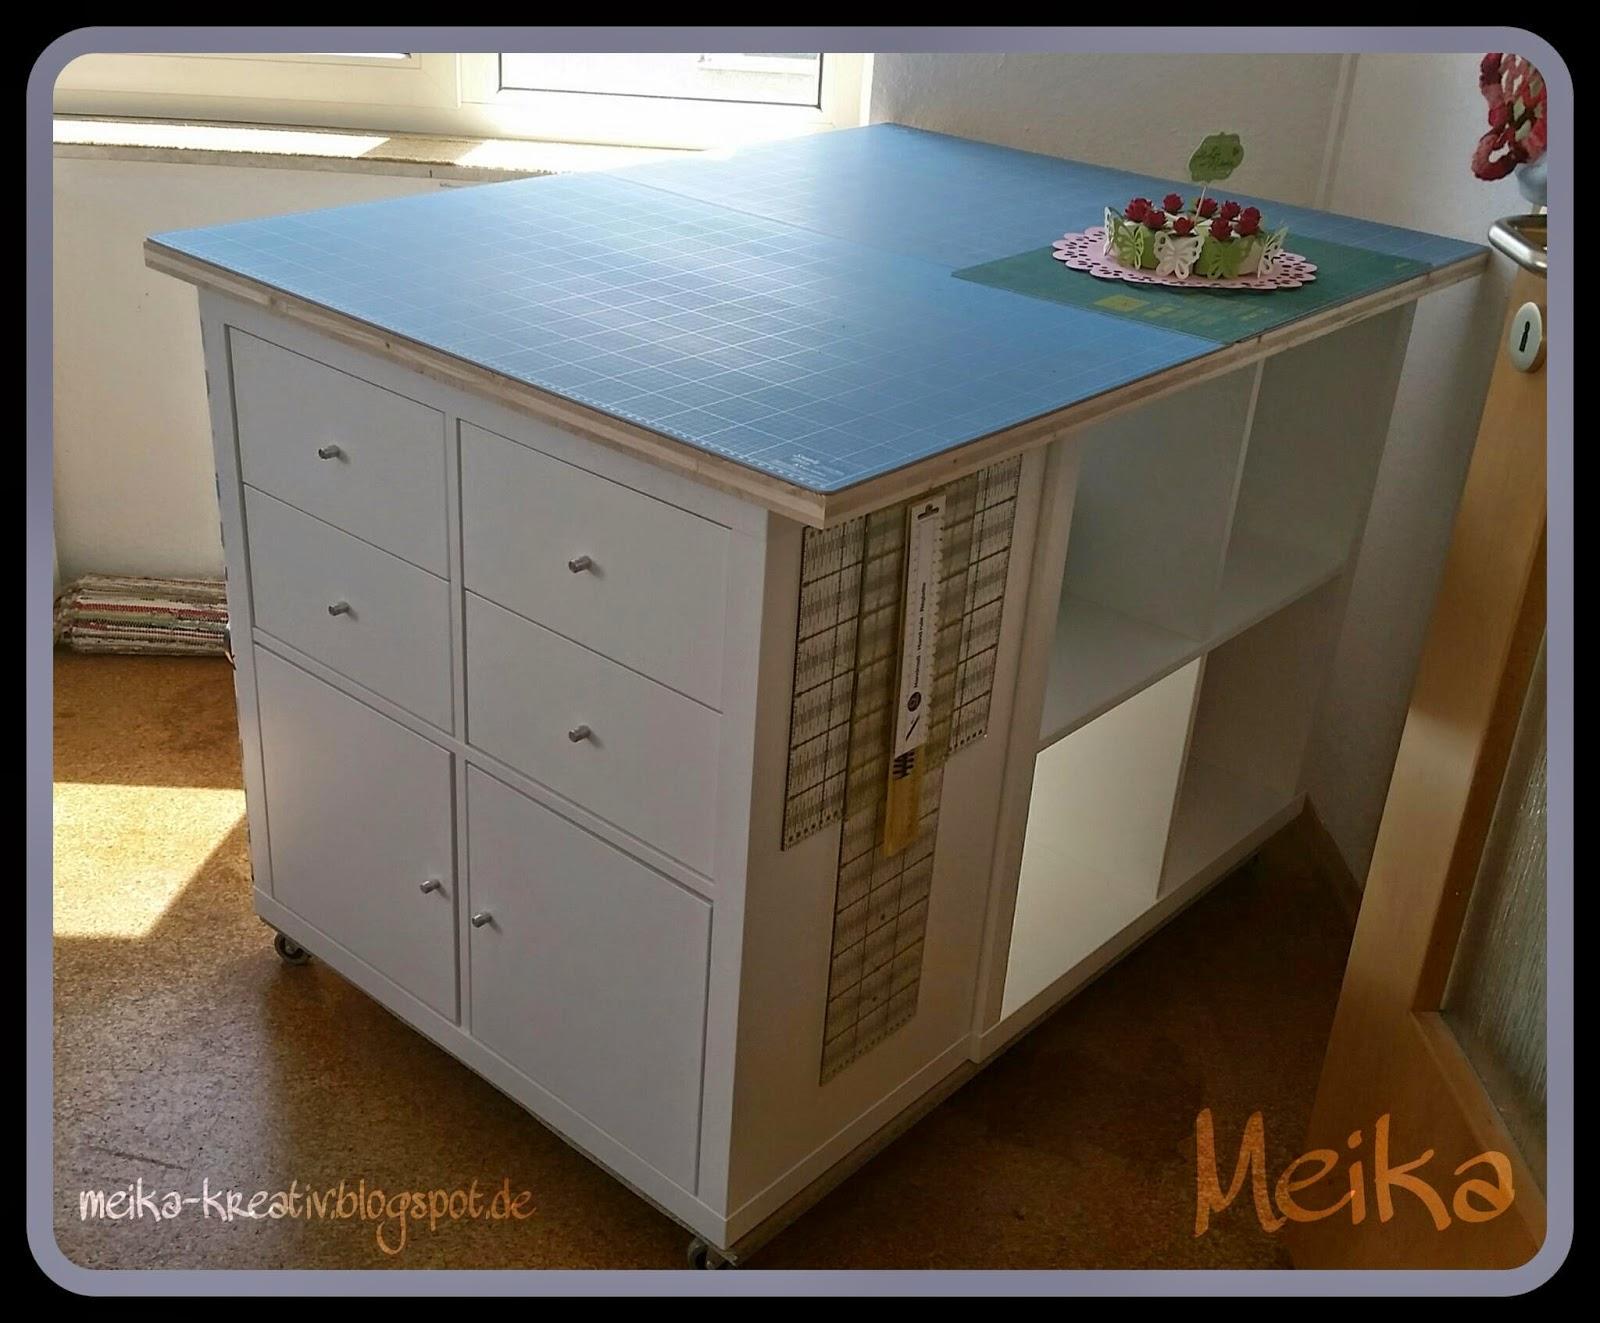 meika kreativ selbst gebauter zuschneidetisch endlich fertig diy ikea hack. Black Bedroom Furniture Sets. Home Design Ideas